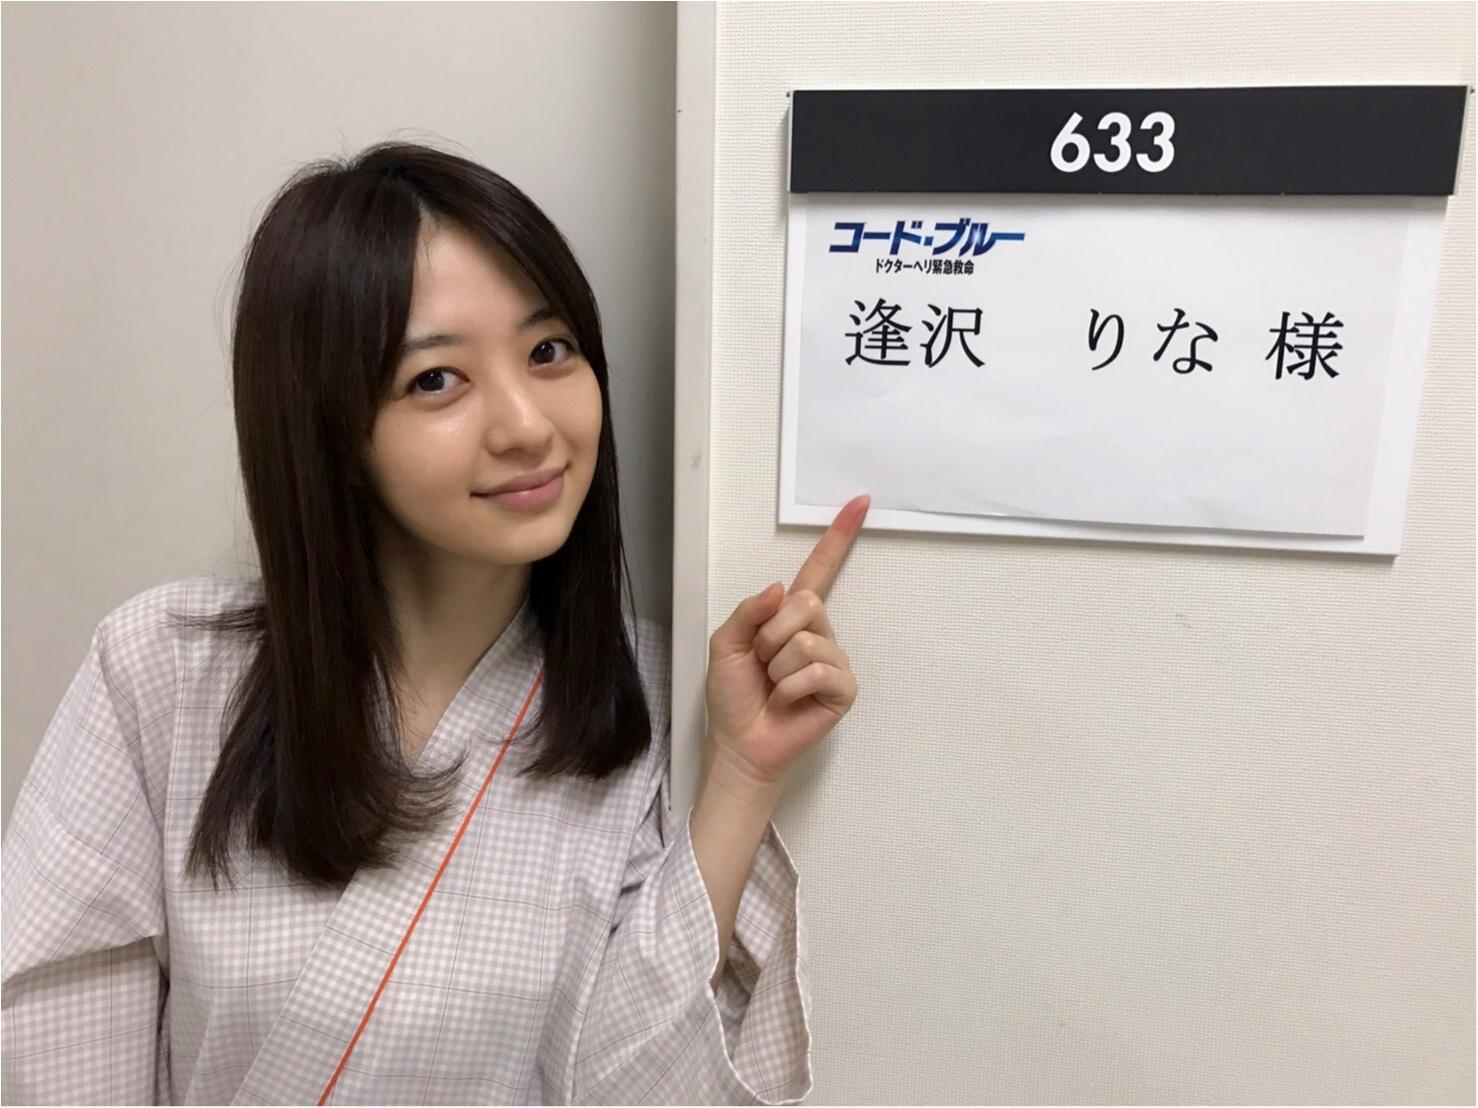 逢沢りなちゃん、話題のドラマ『コード・ブルー』にゲスト出演! 【テレビ出演情報】_1